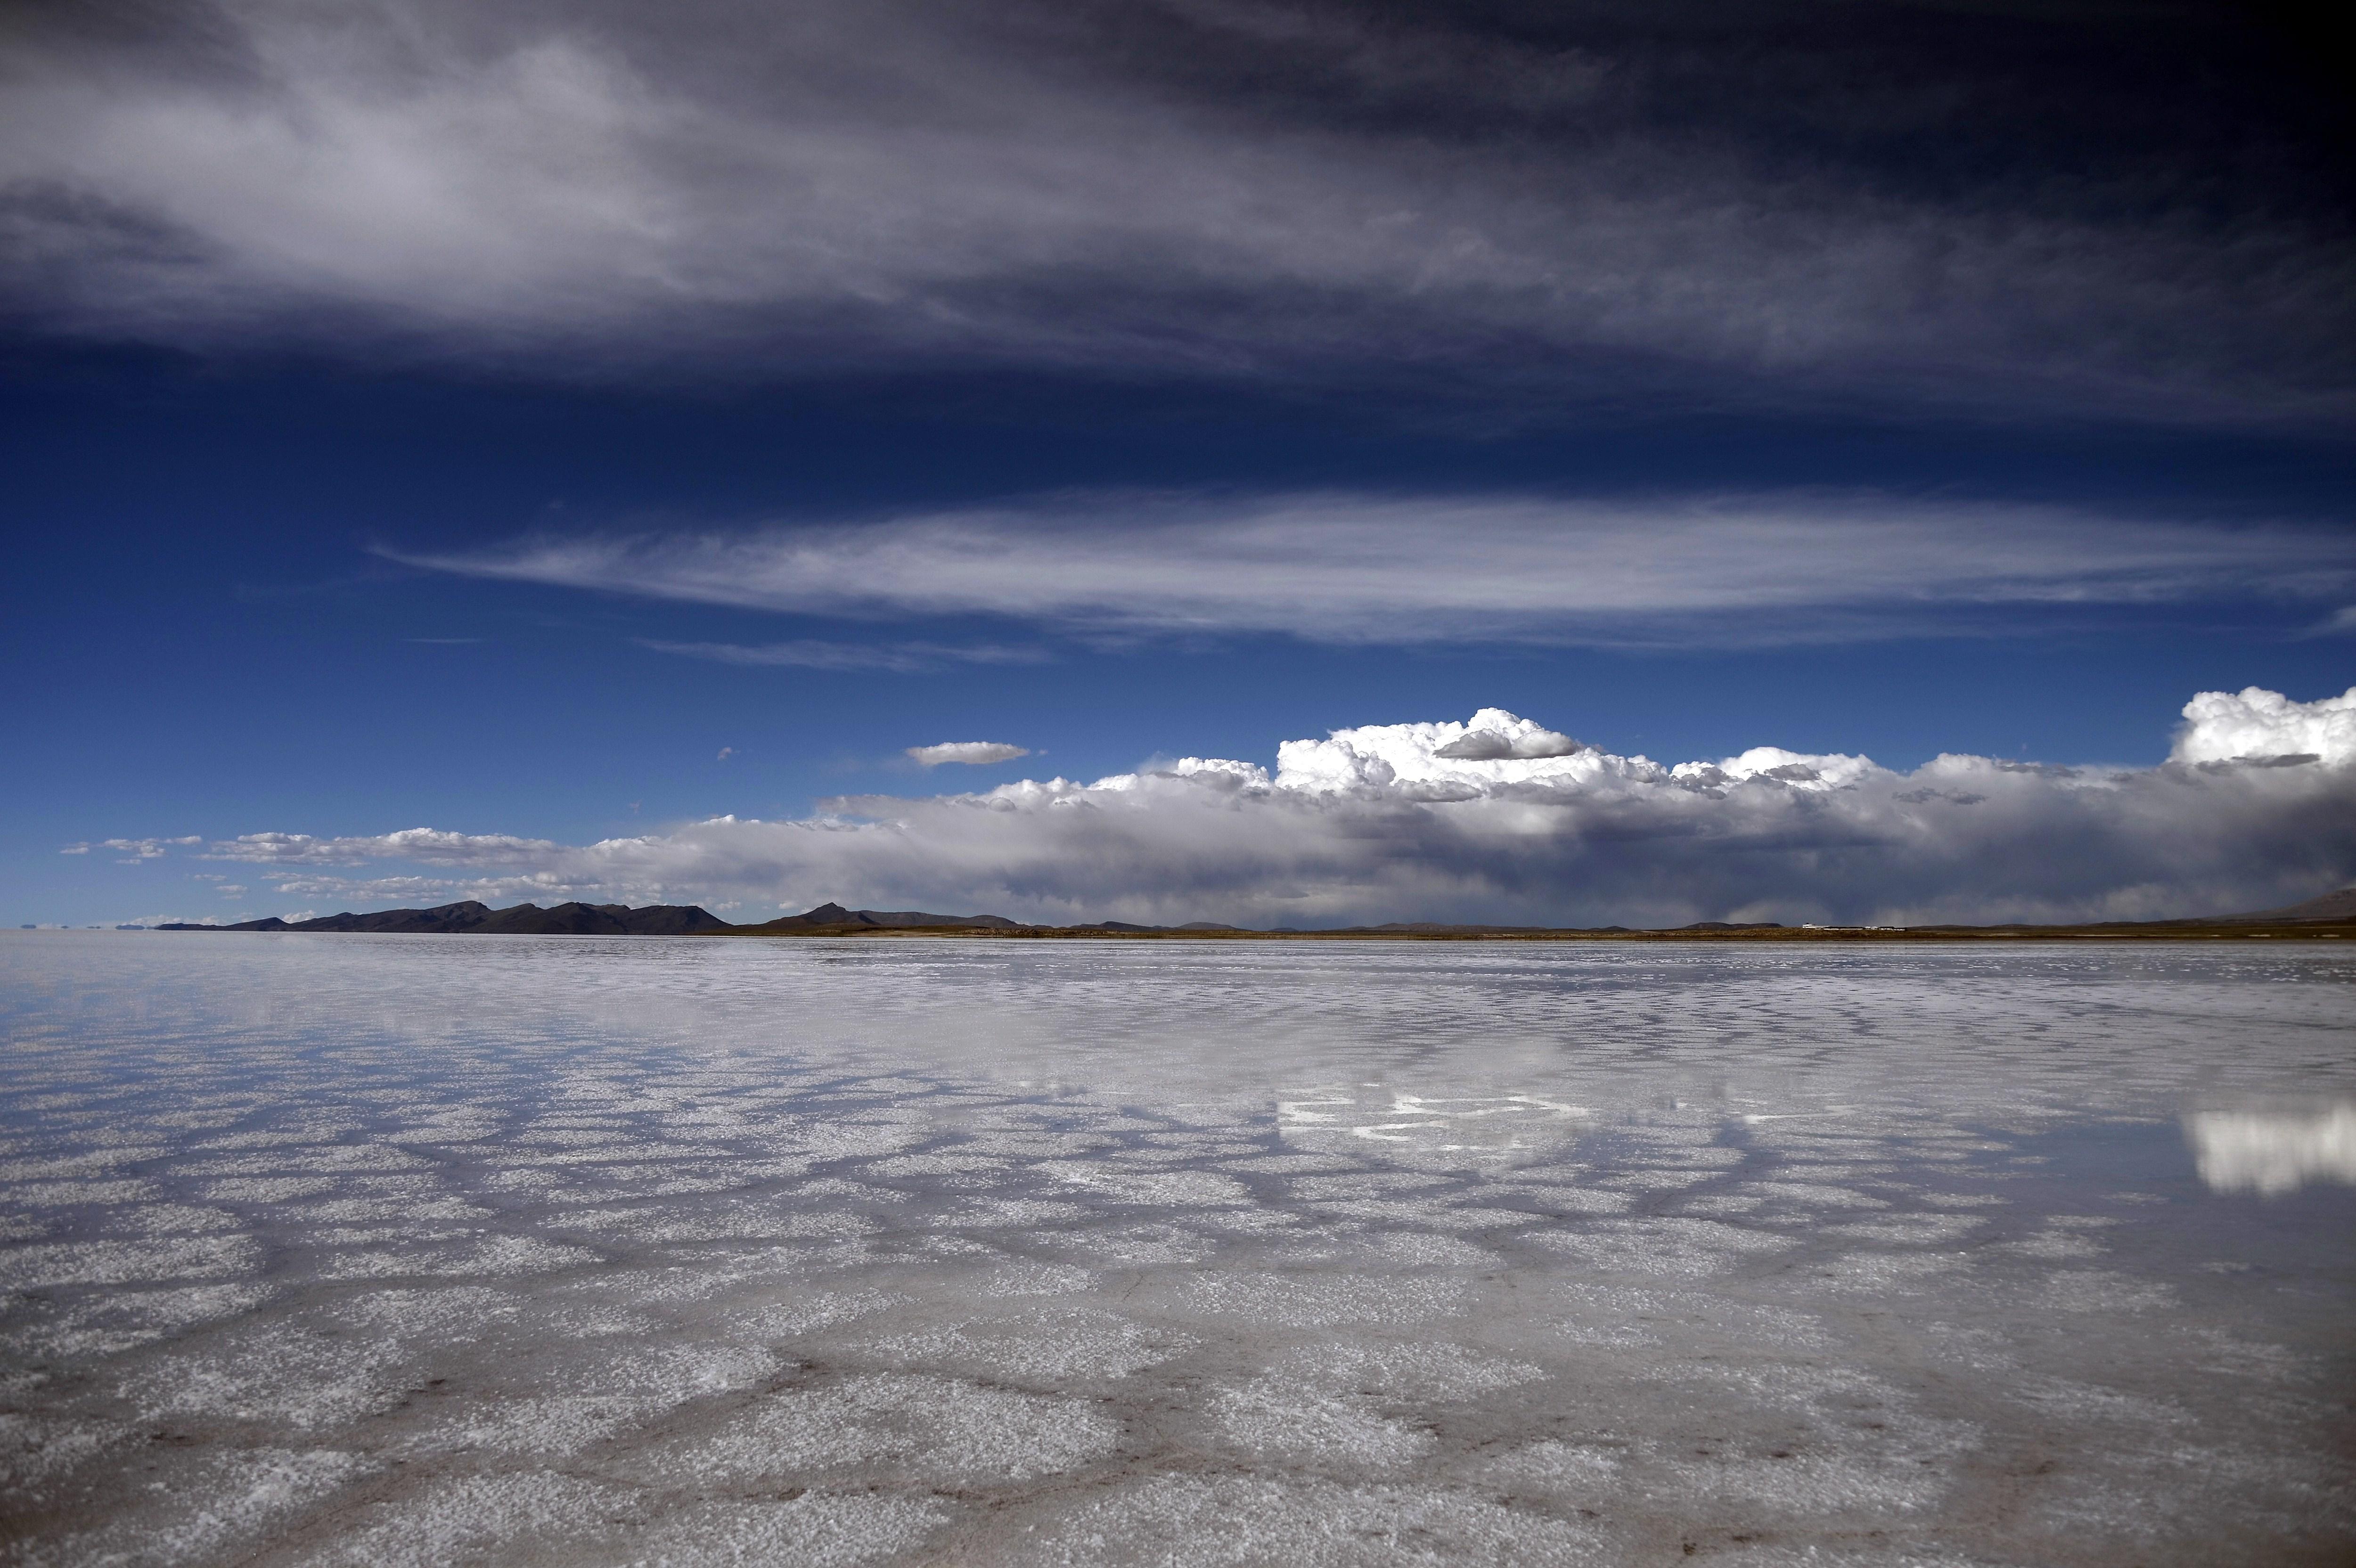 El Salar de Uyuni es uno de los lugares más visitados en Bolivia. Es el desierto de sal más alto del mundo, ubicado a 3.650 metros sobre el nivel del mar.